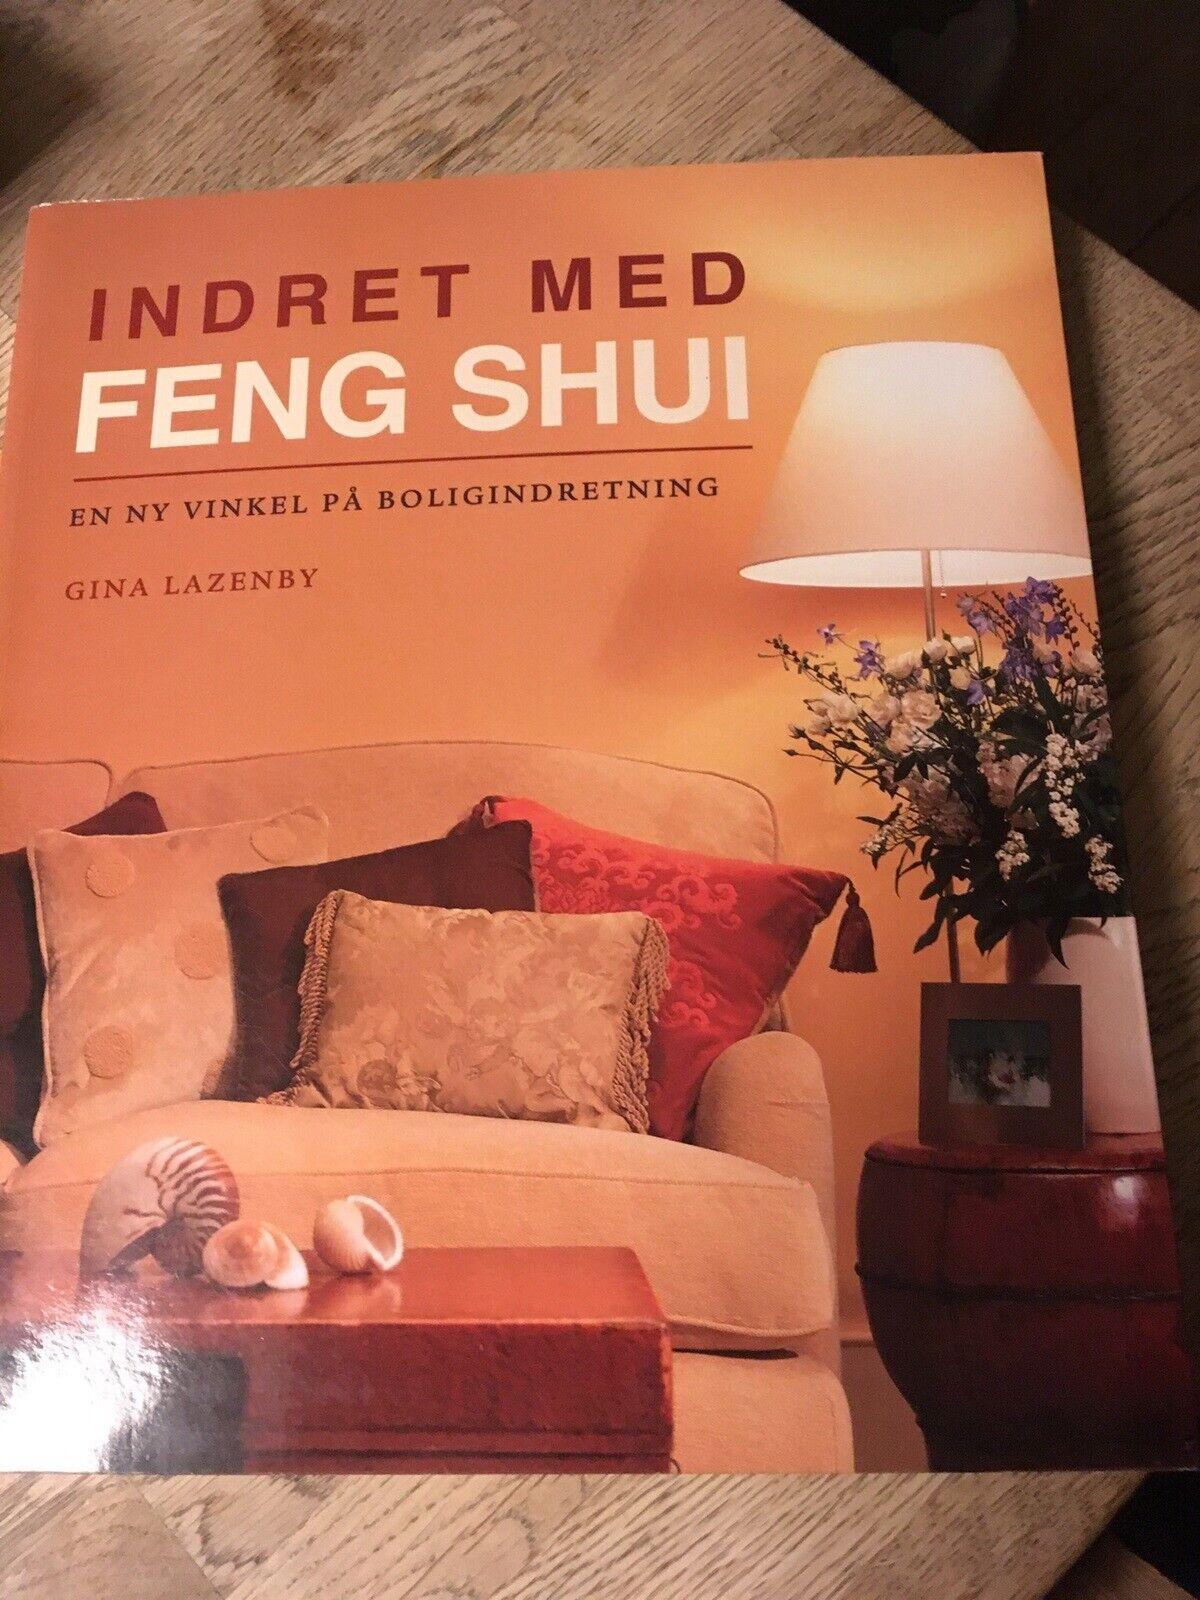 Indret Med Feng Shui En Ny Vinkel Pa Boligindretning Emne Personlig Udvikling Dba Dk Kob Og Salg Af Nyt Og Brugt